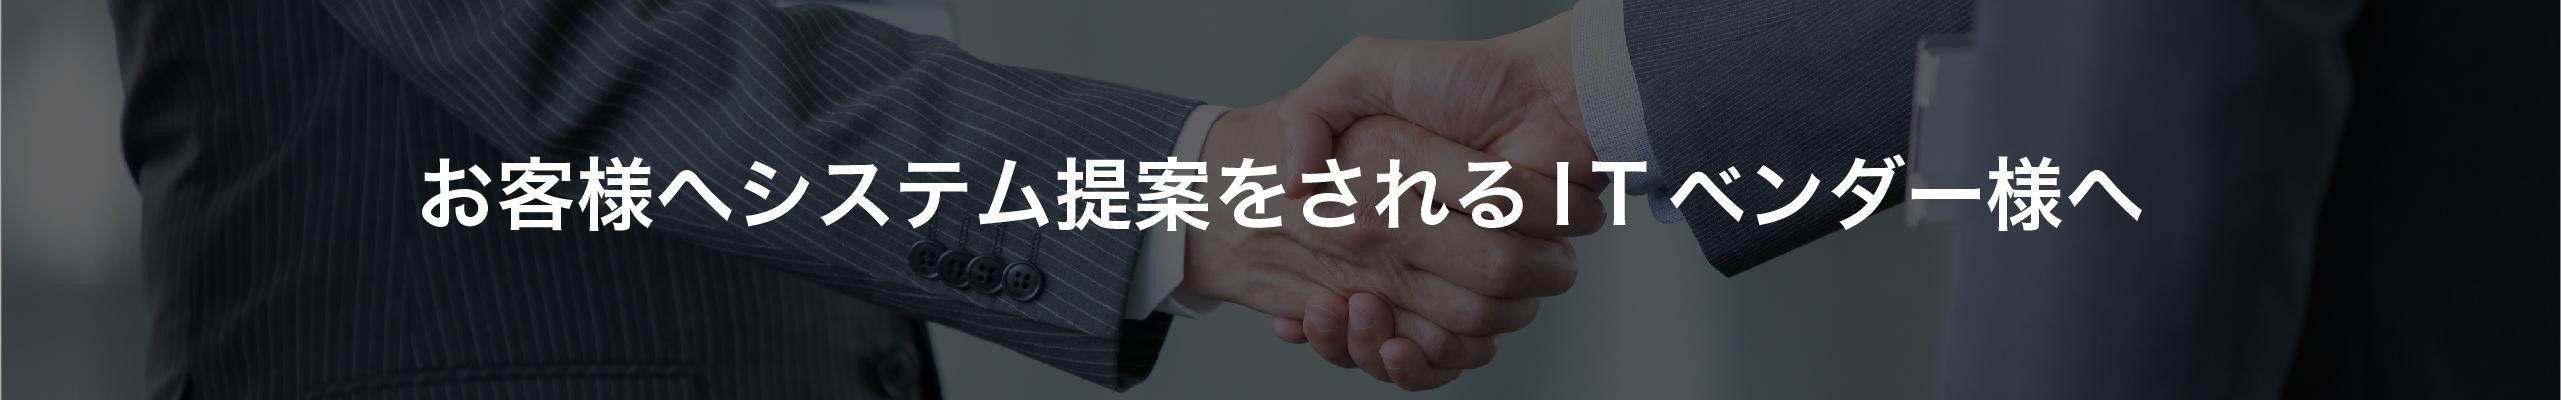 ソリューション・パートナー制度